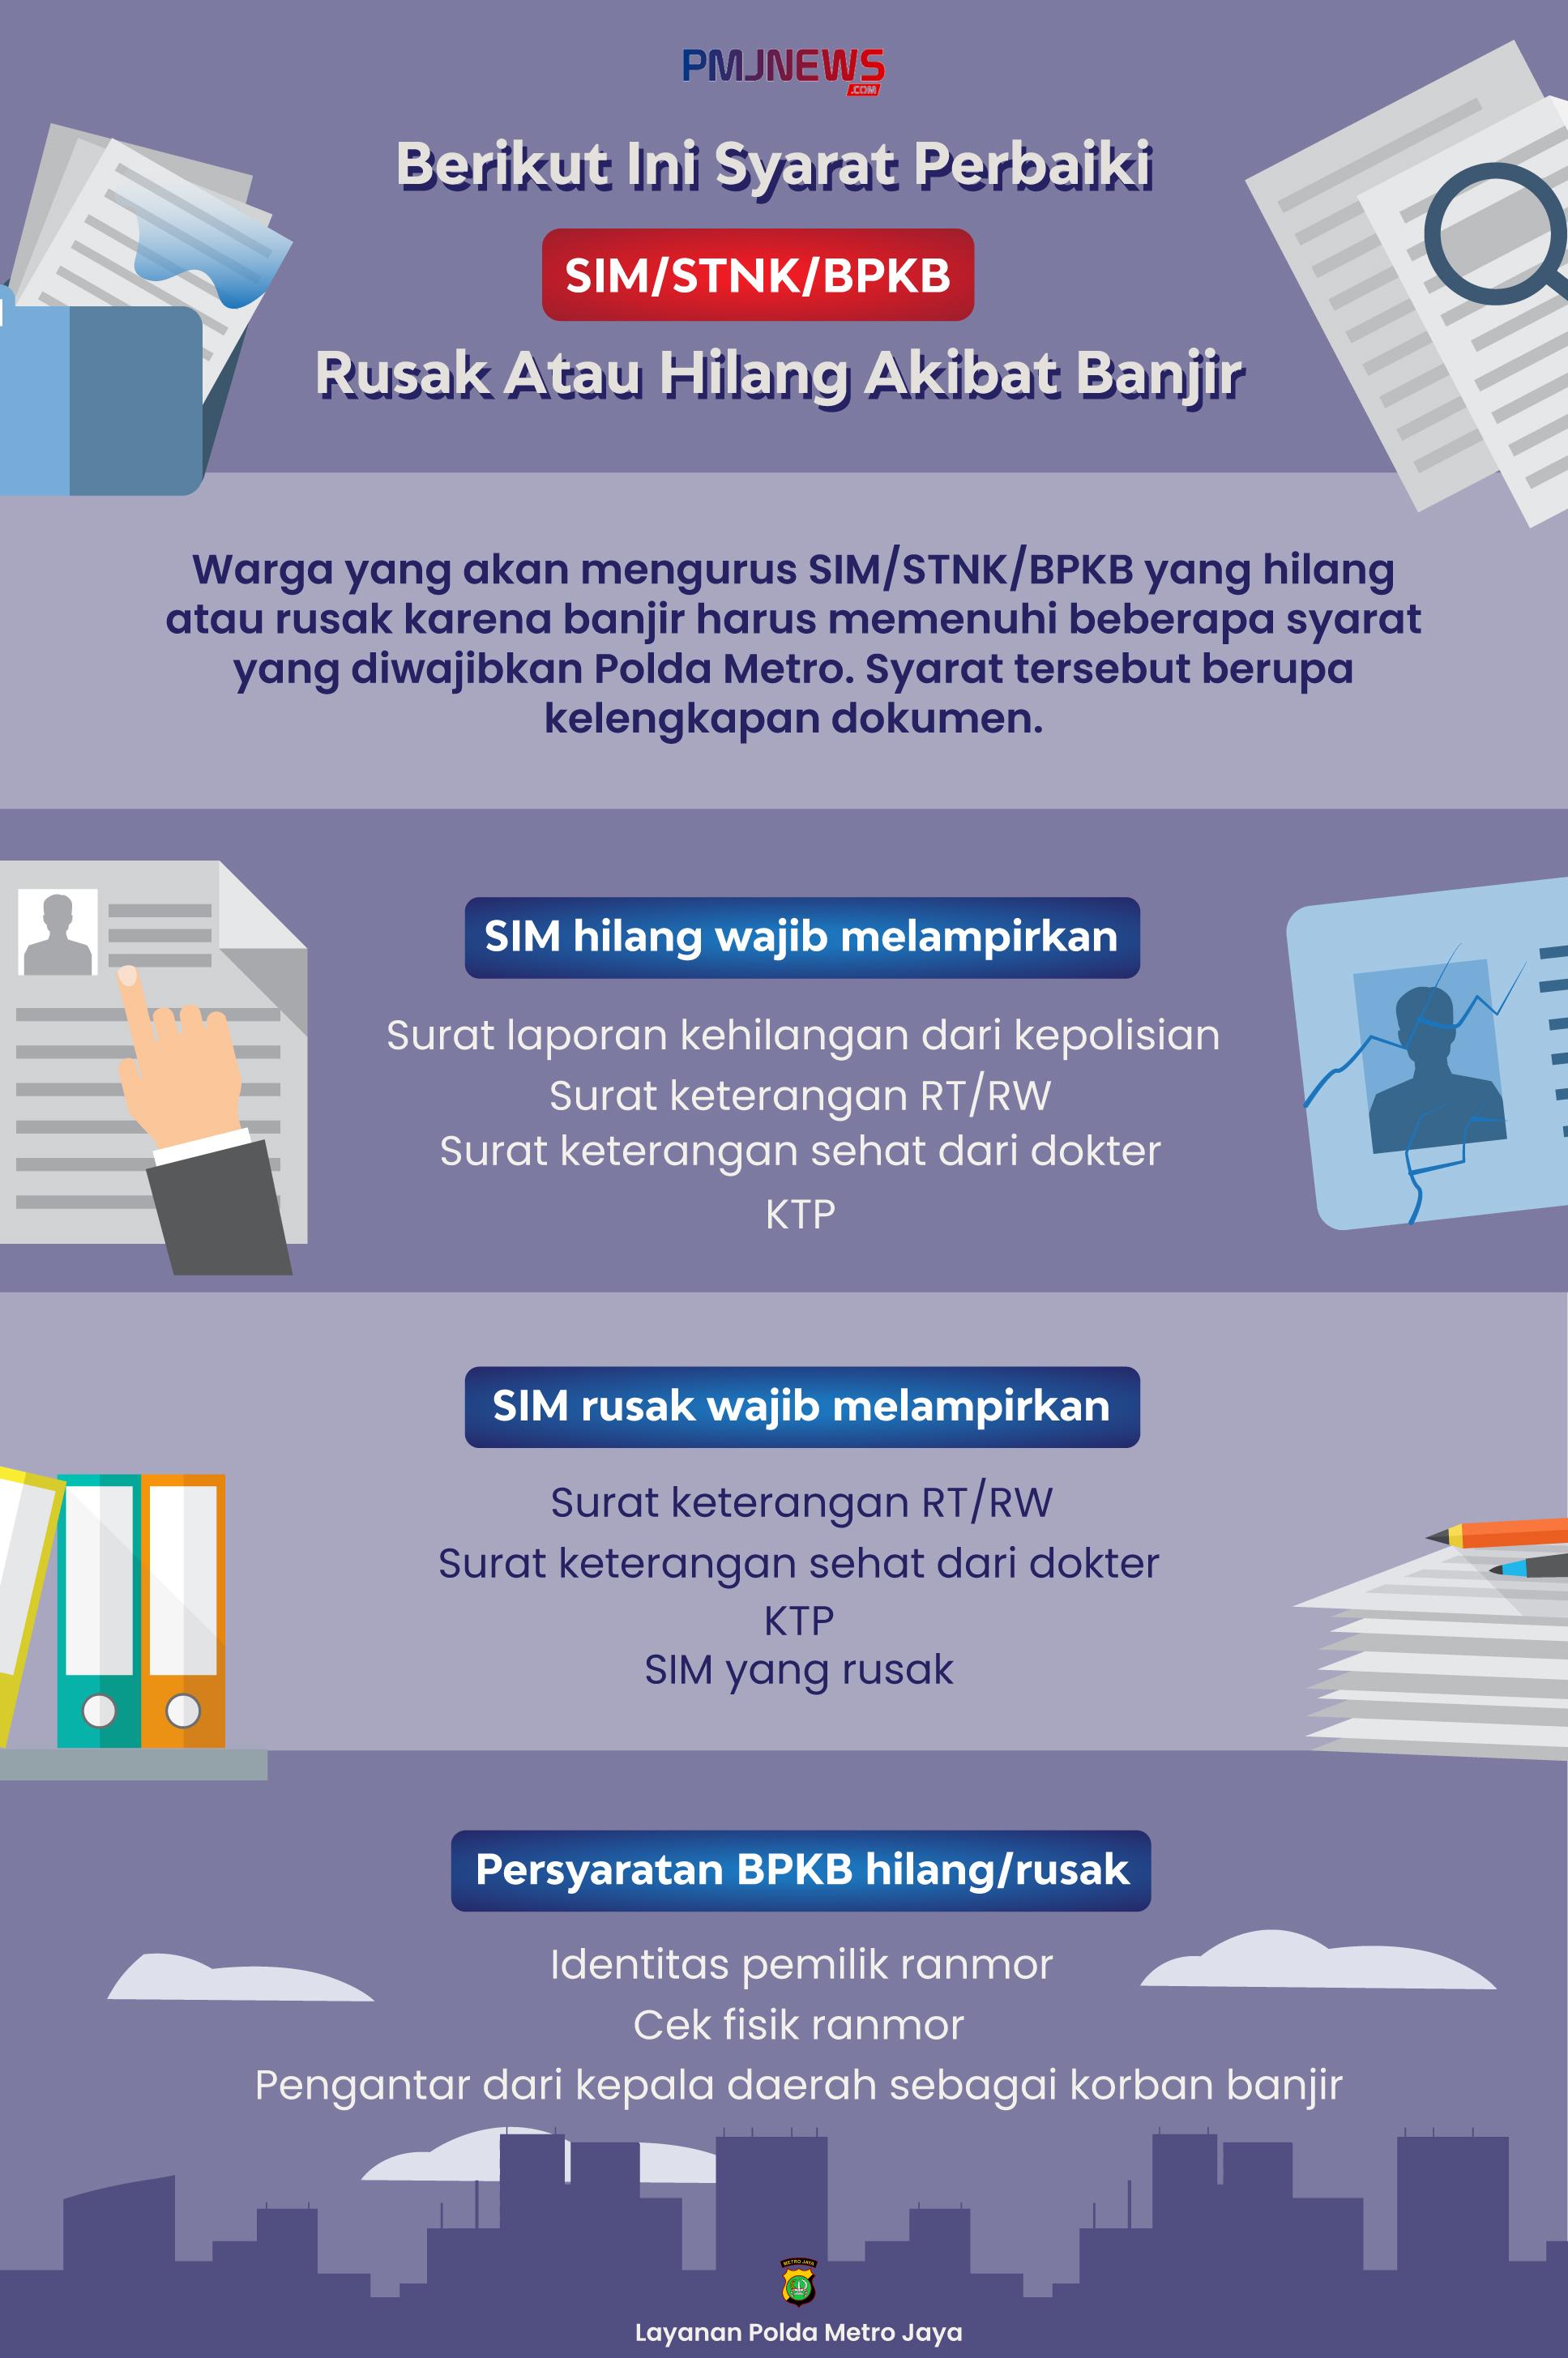 Infografis perbaikan SIM, STNK, BPKB di Polda Metro Jaya. (Foto:PMJ News/Ilustrasi grafis Jeje)